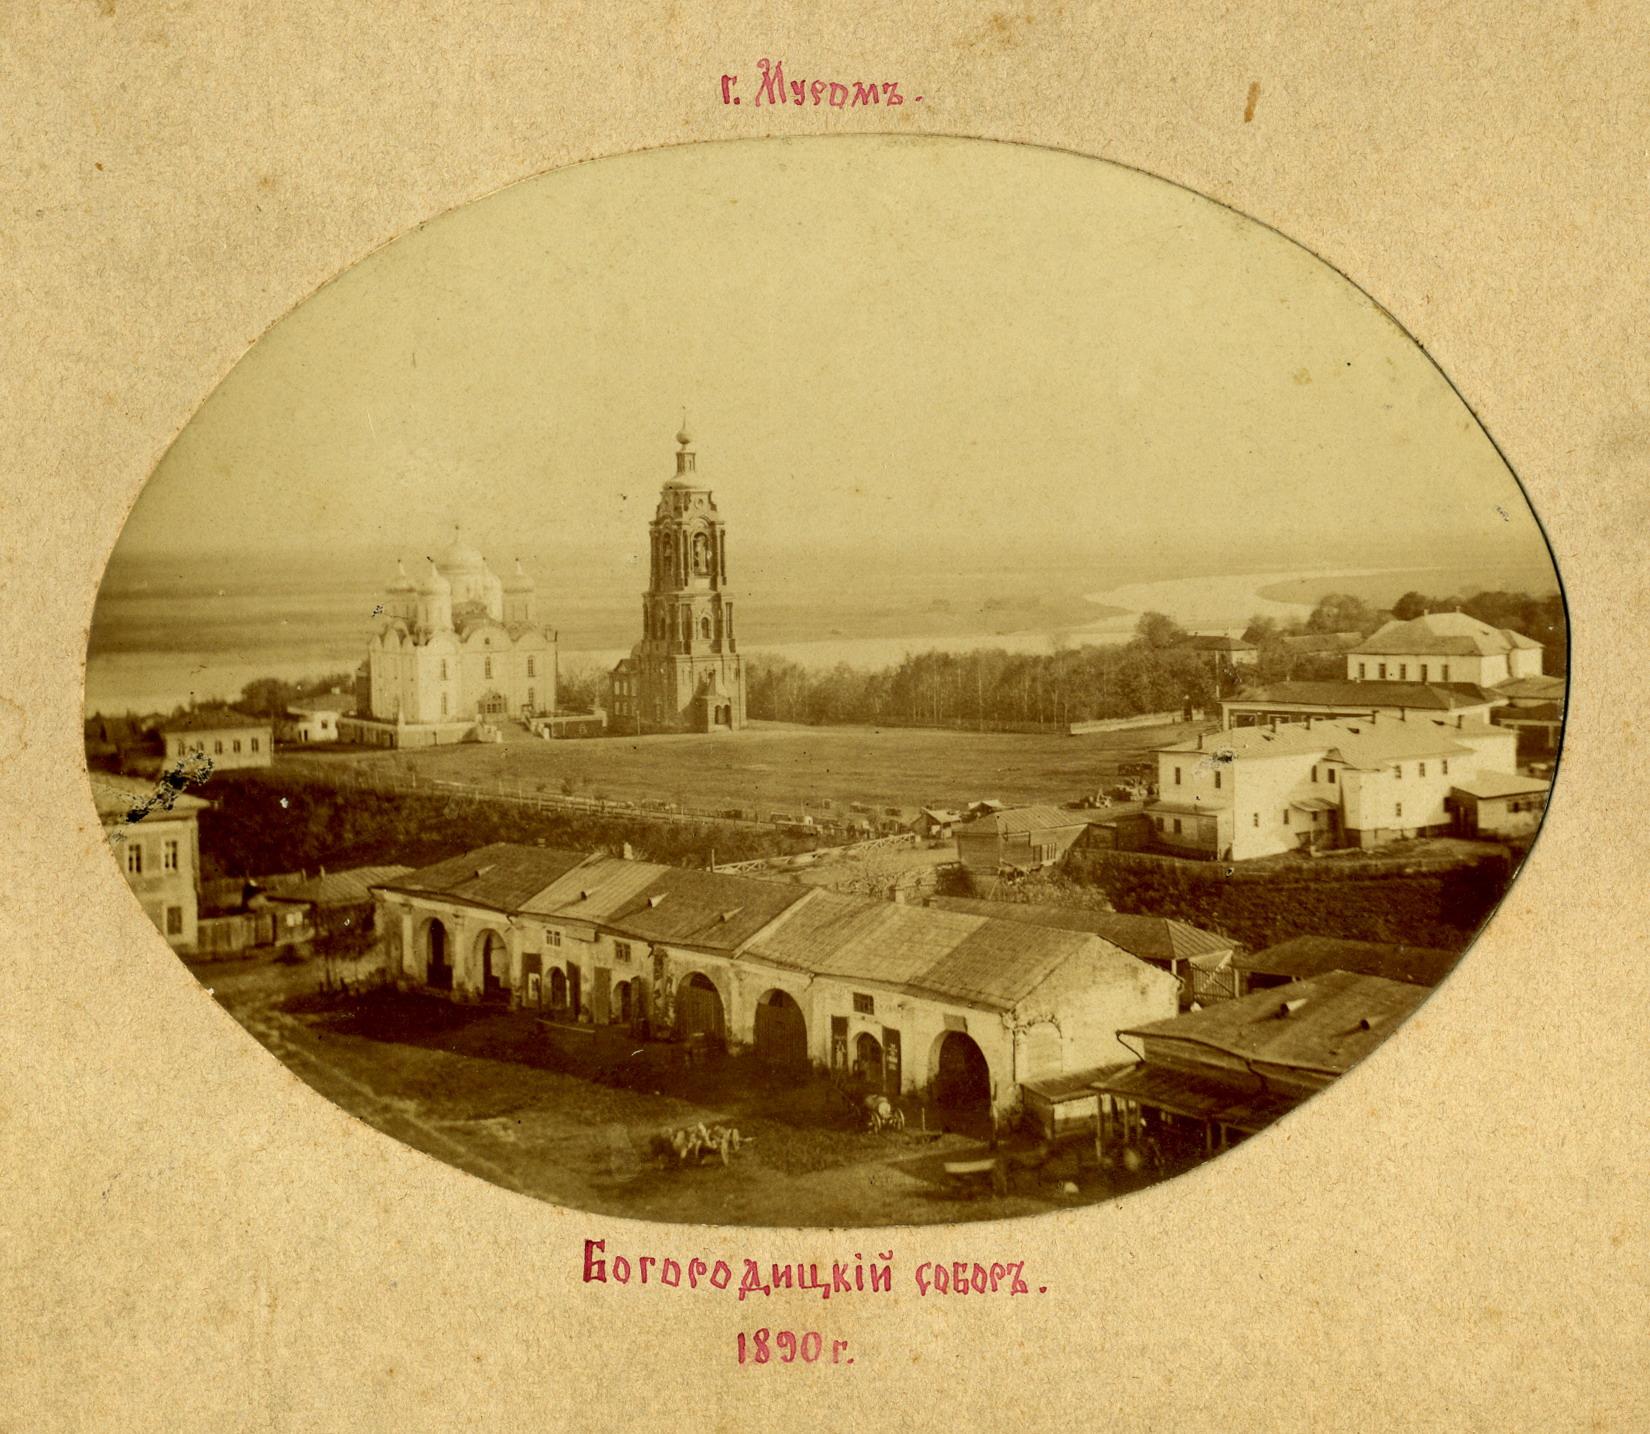 Богородицкий собор. 1890